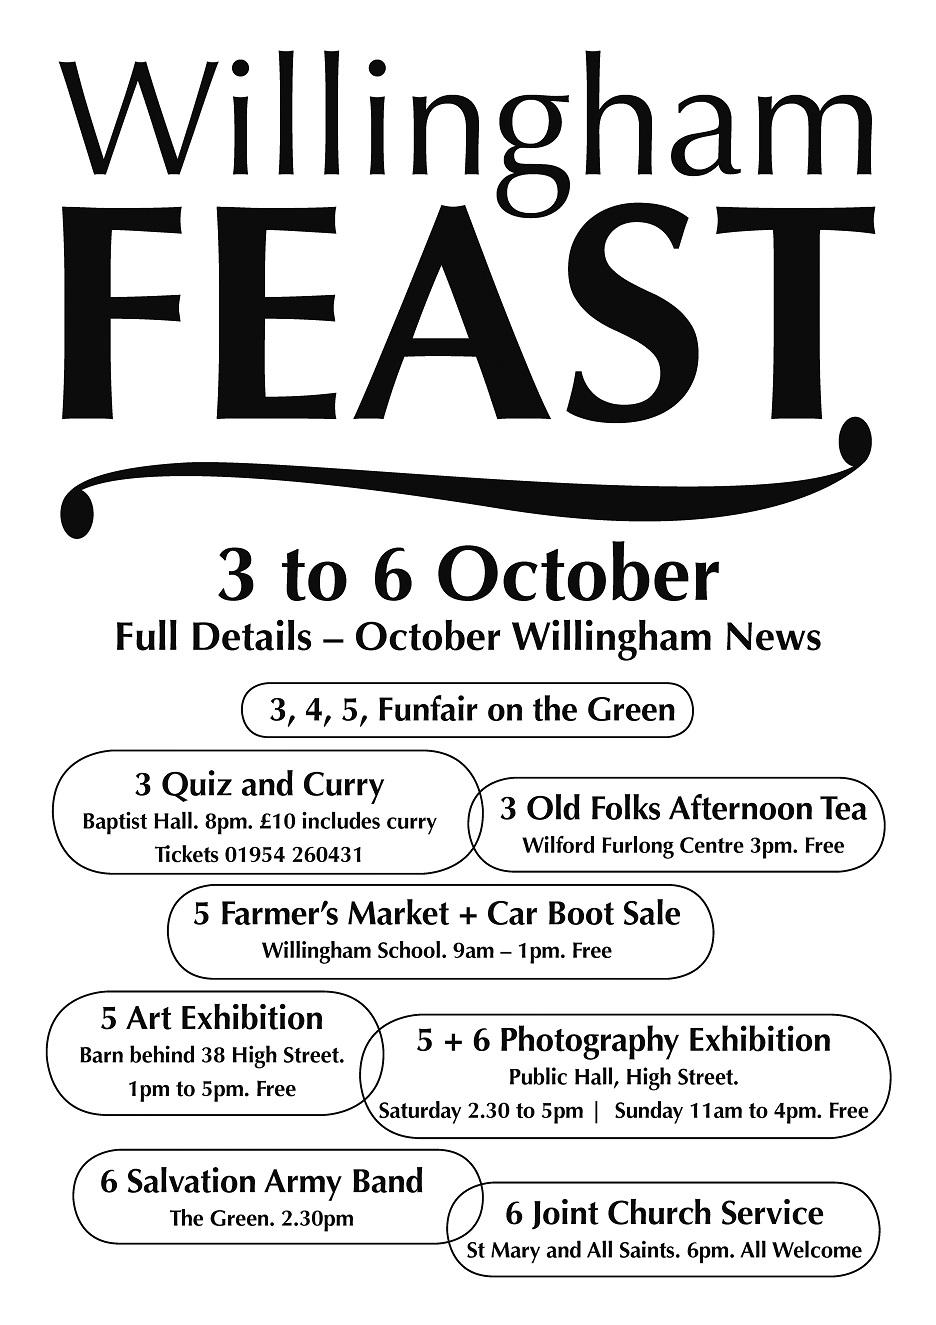 Willingham Feast 2013